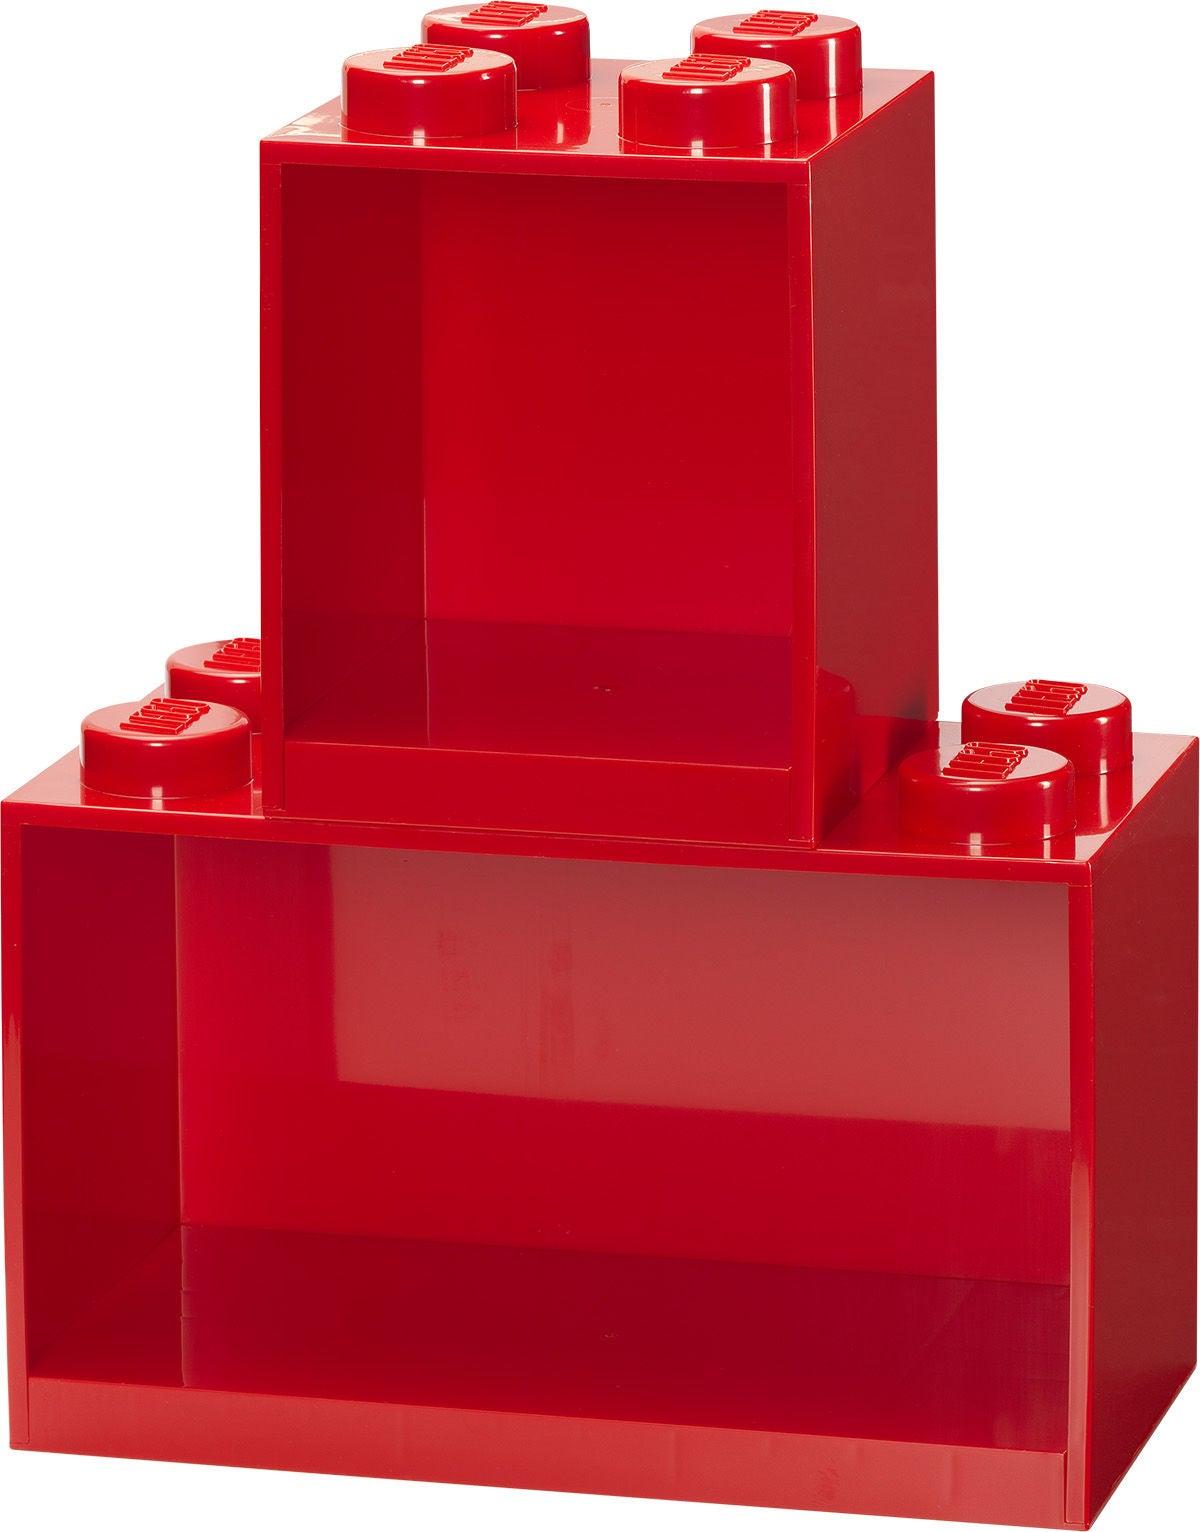 LEGO Hylly, Red